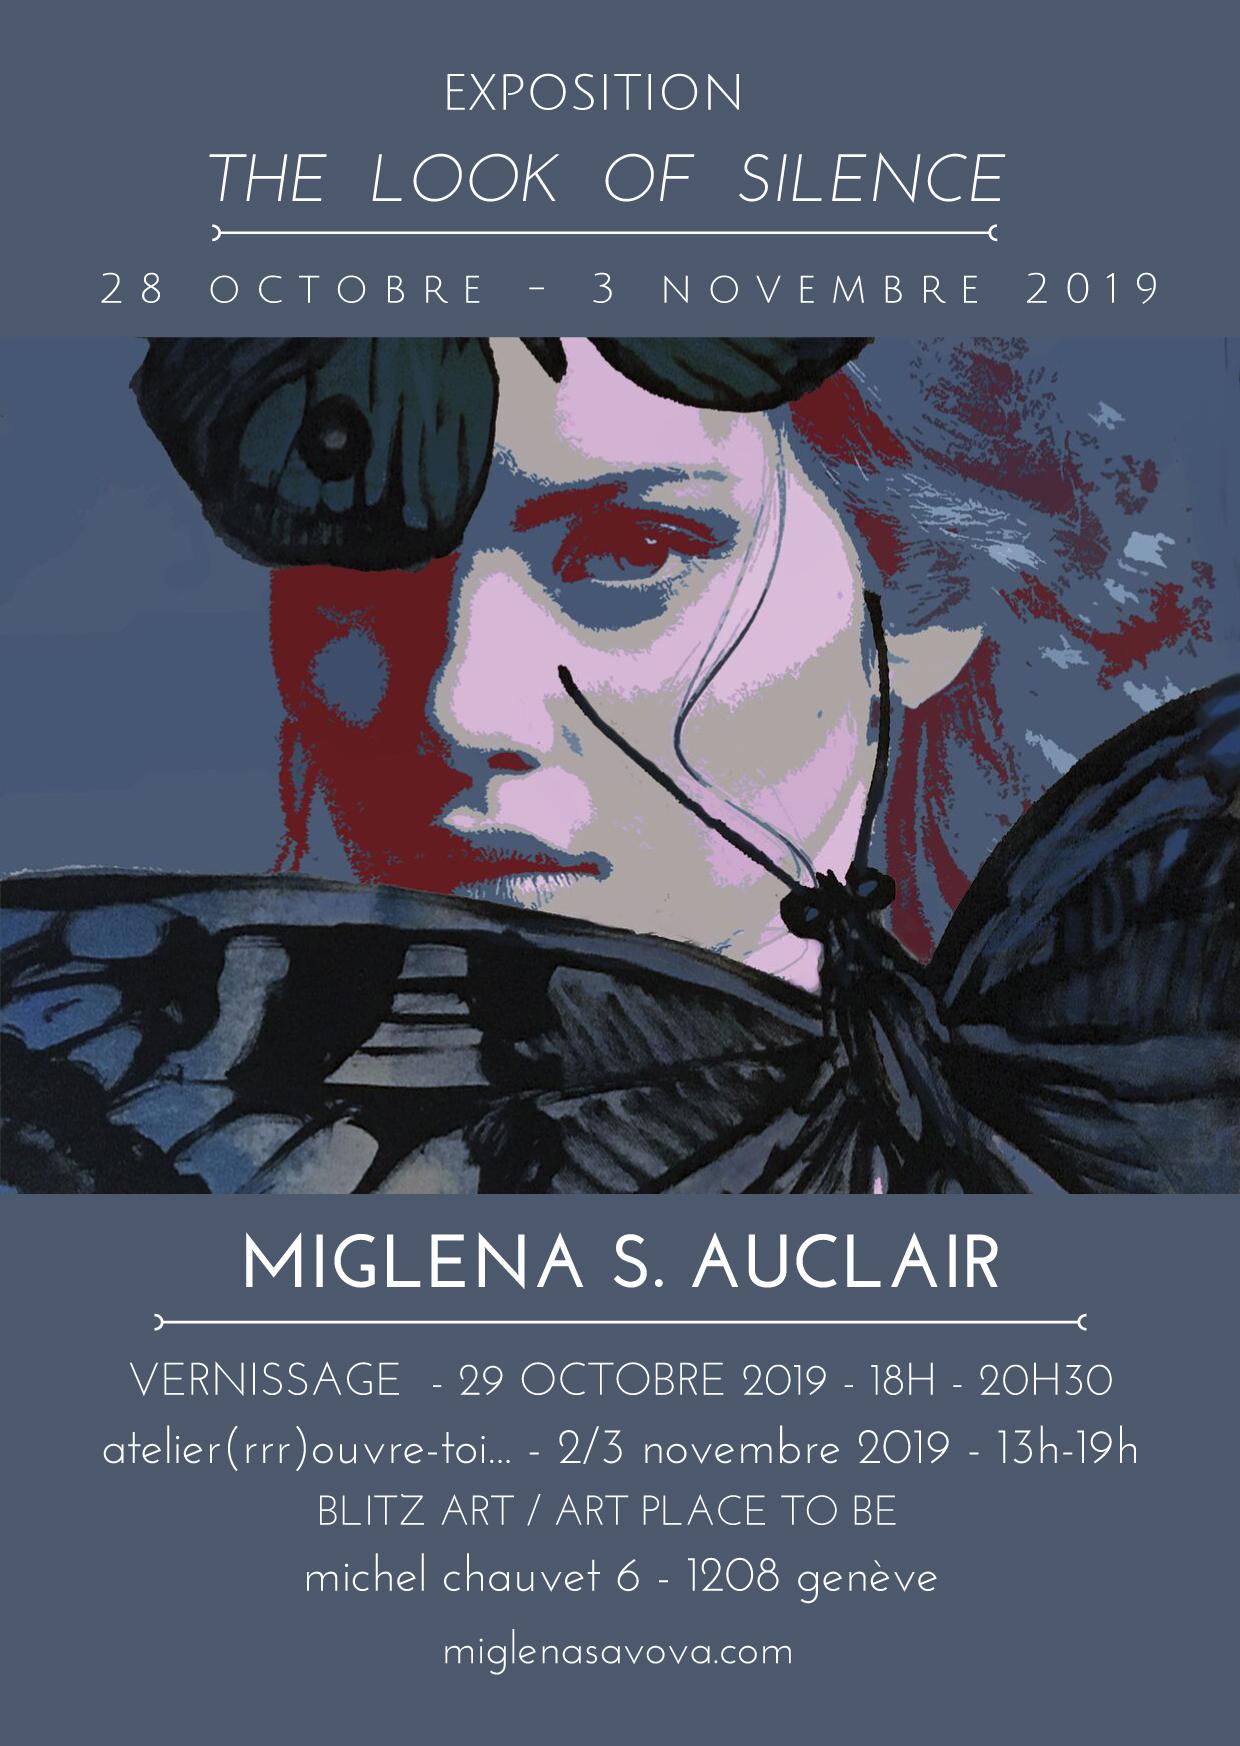 28 octobre 3 novembre, 2019, the look of silence